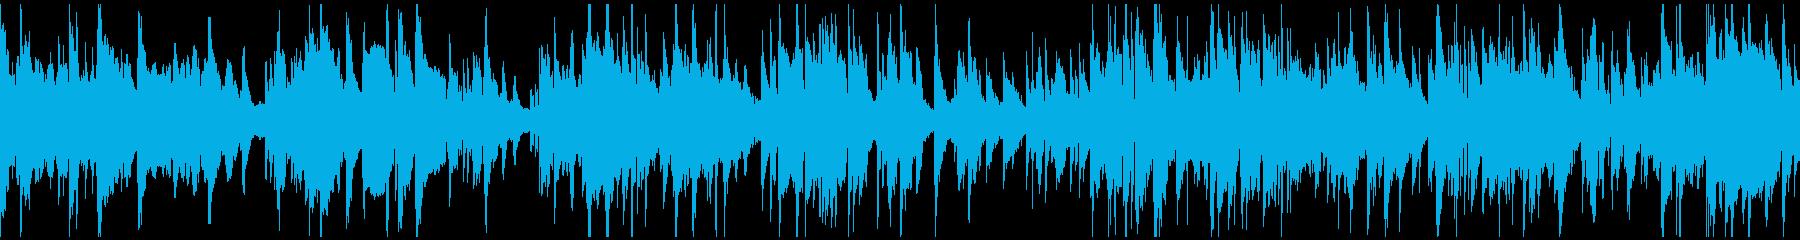 ジャズラウンジゆったりバラード※ループ版の再生済みの波形